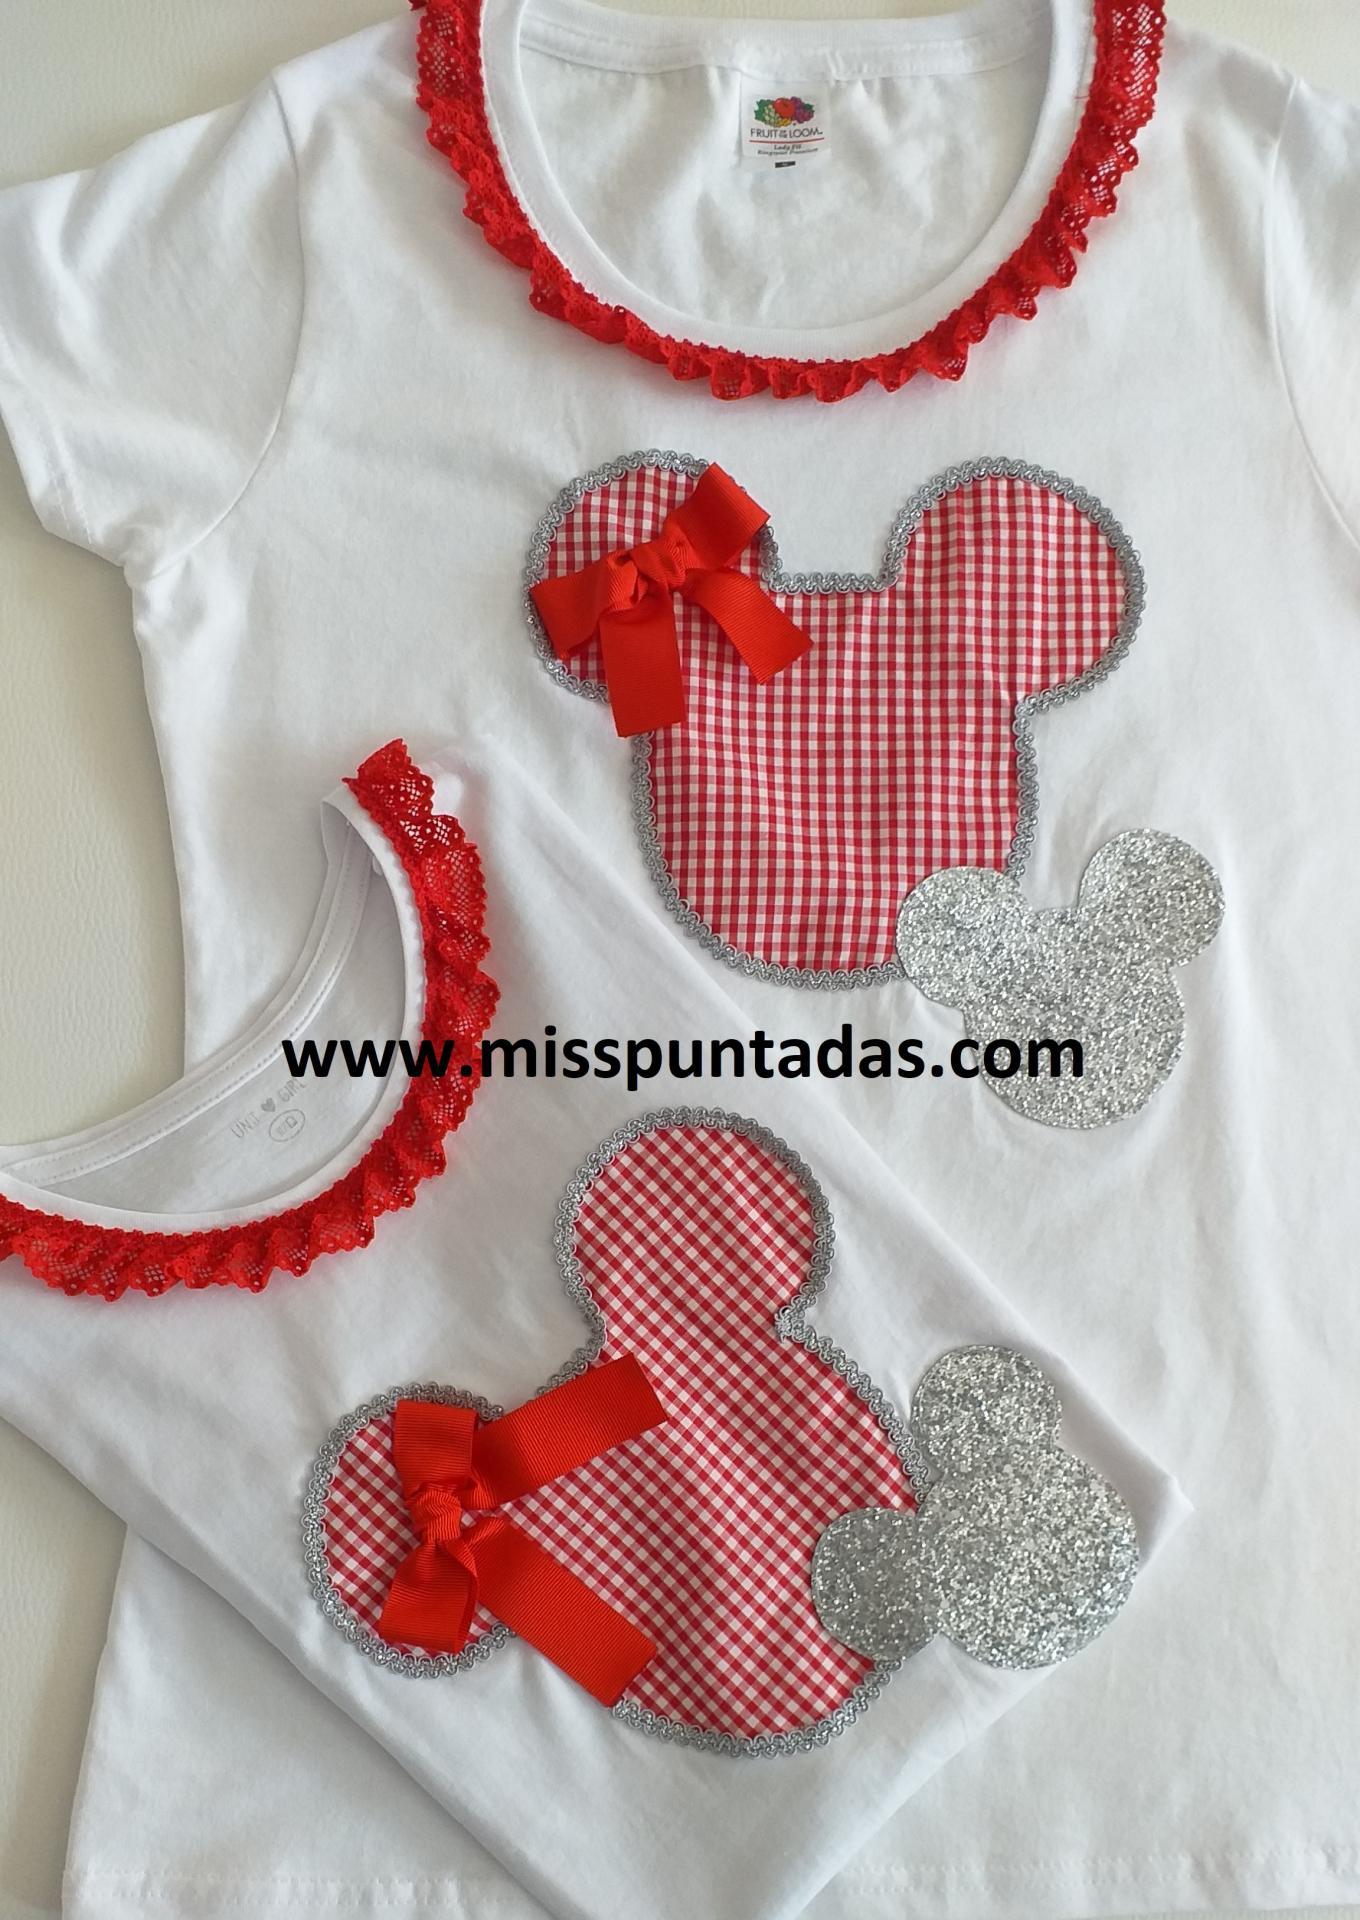 Camiseta niña silueta Minnie.